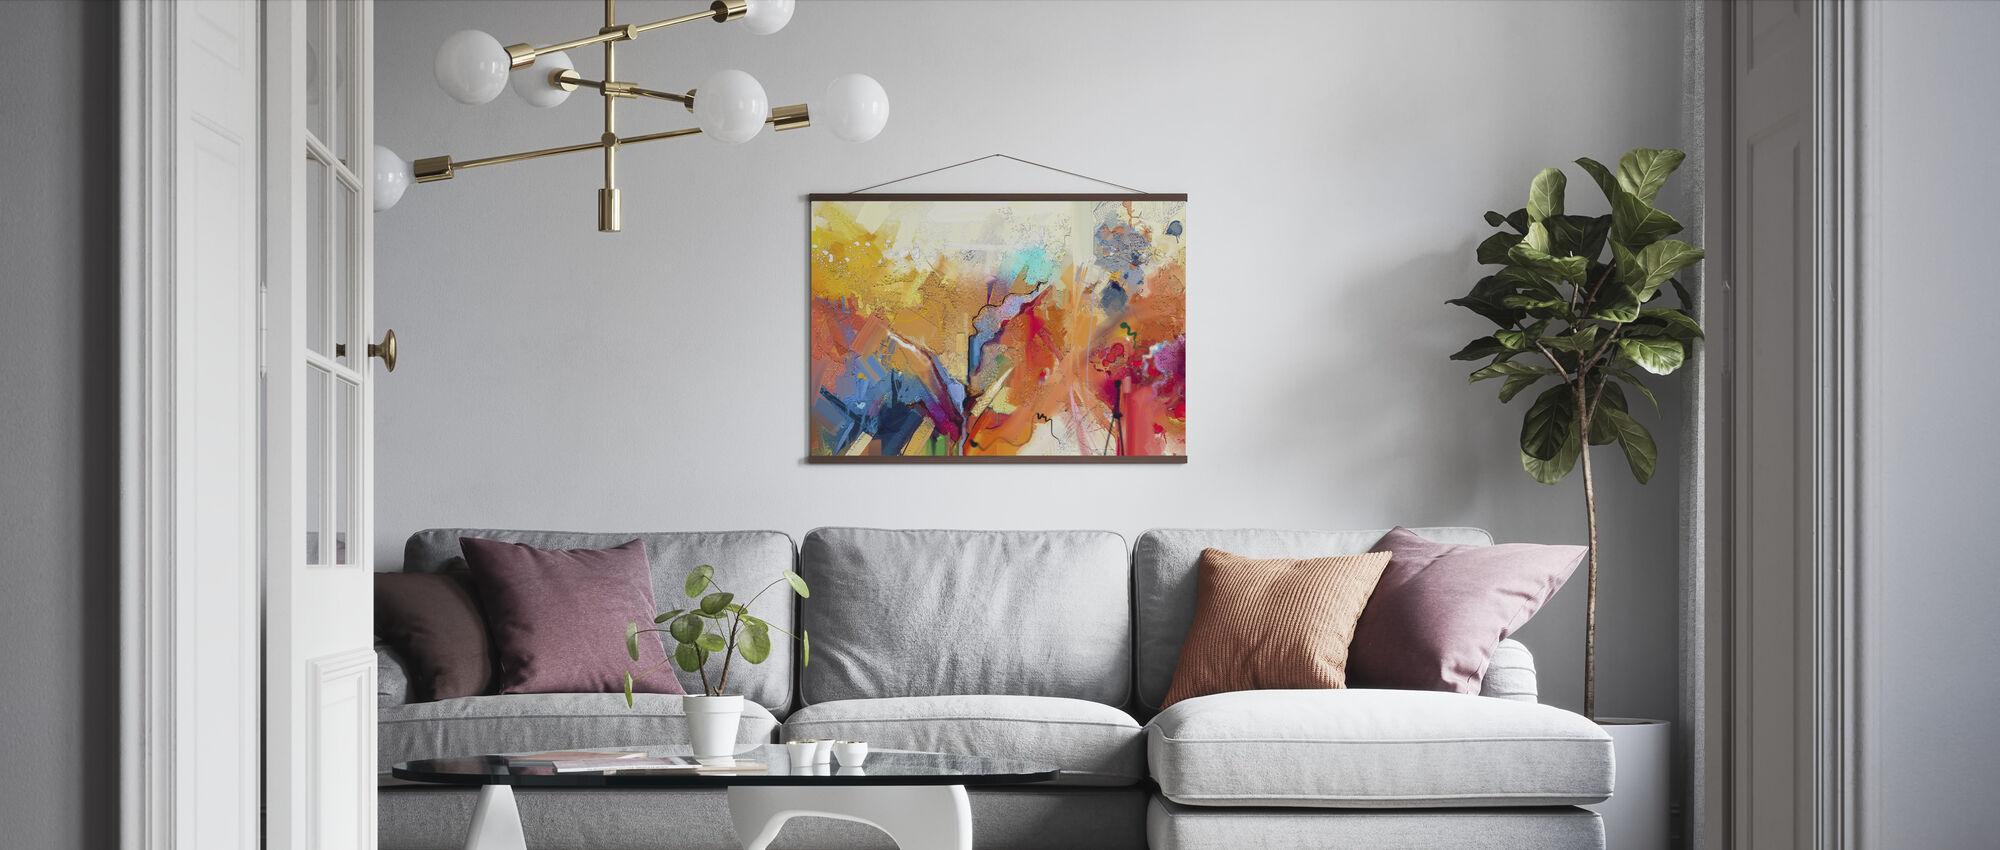 Kleurrijk Abstract Schilderij - Poster - Woonkamer